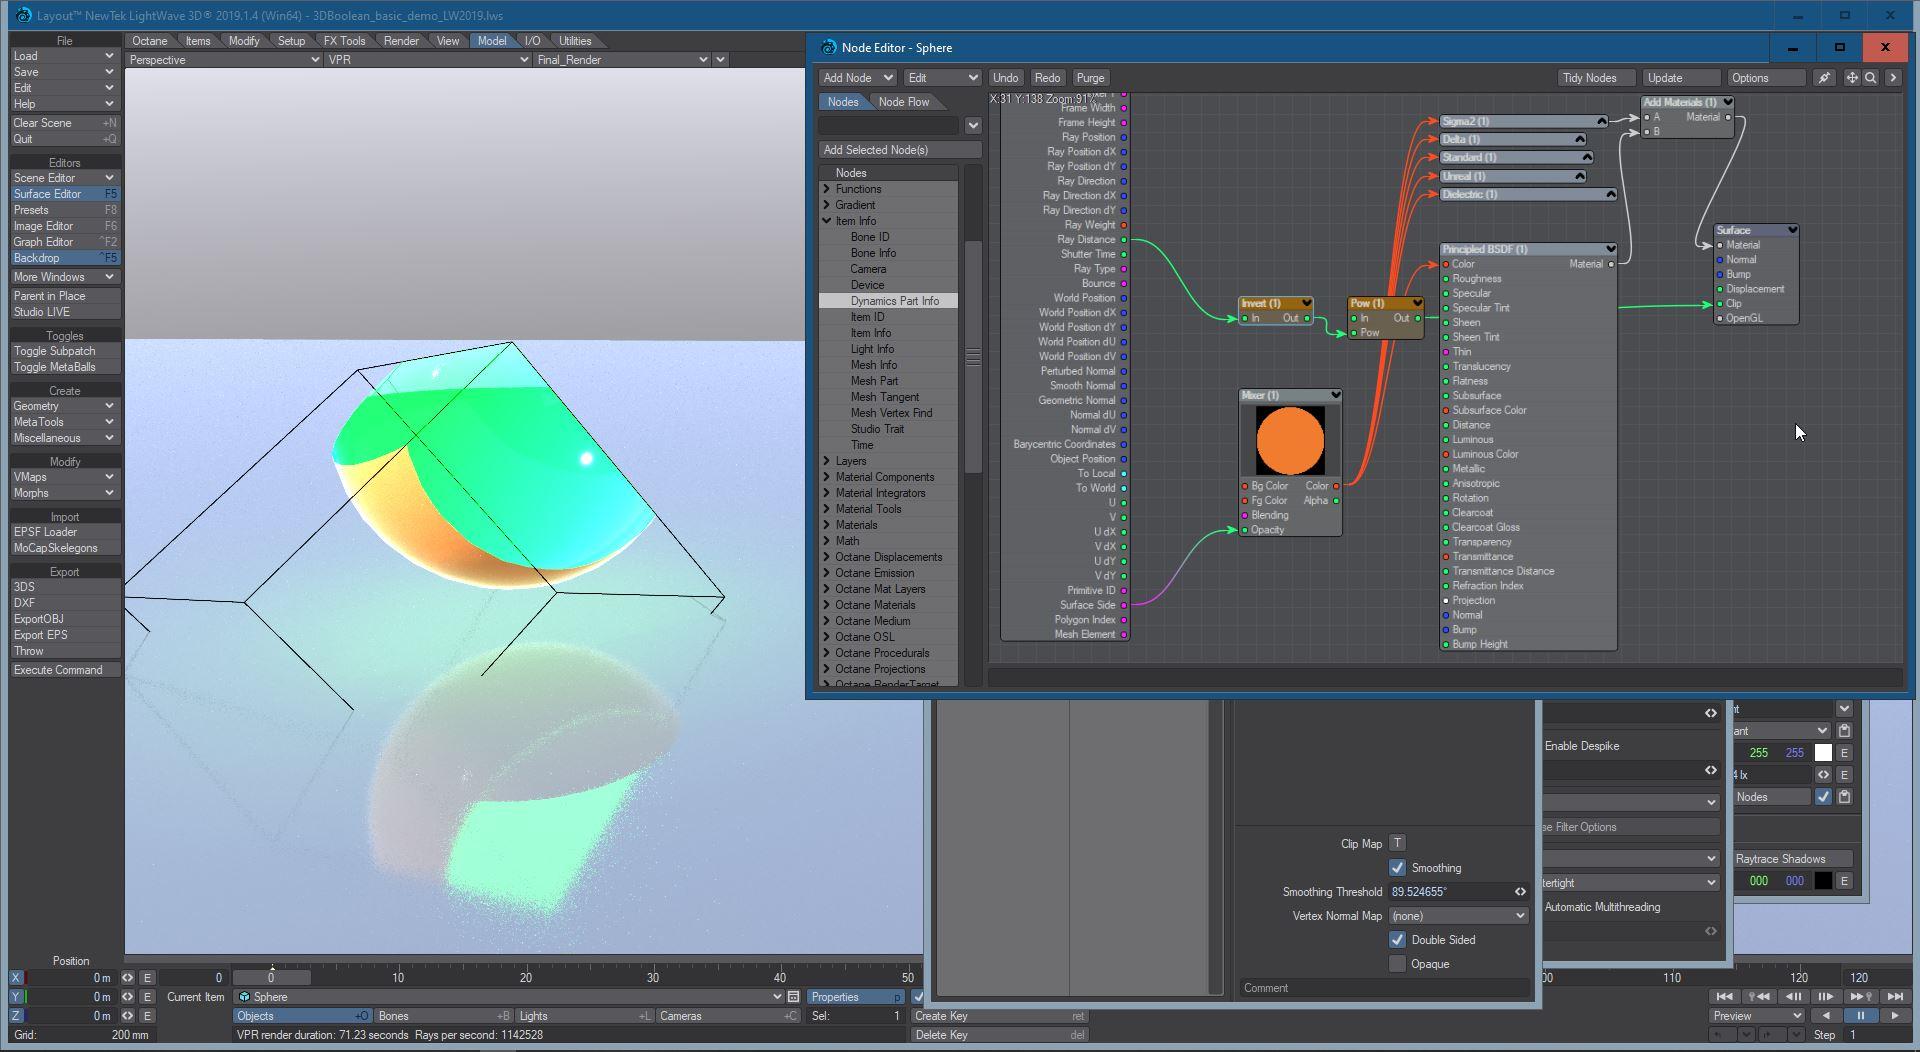 Nome: 2020-02-14 14_24_00-Layout™ NewTek LightWave 3D® 2019.1.4 (Win64) - 3DBoolean_basic_demo_LW2019..jpg Visite: 15 Dimensione: 240.9 KB